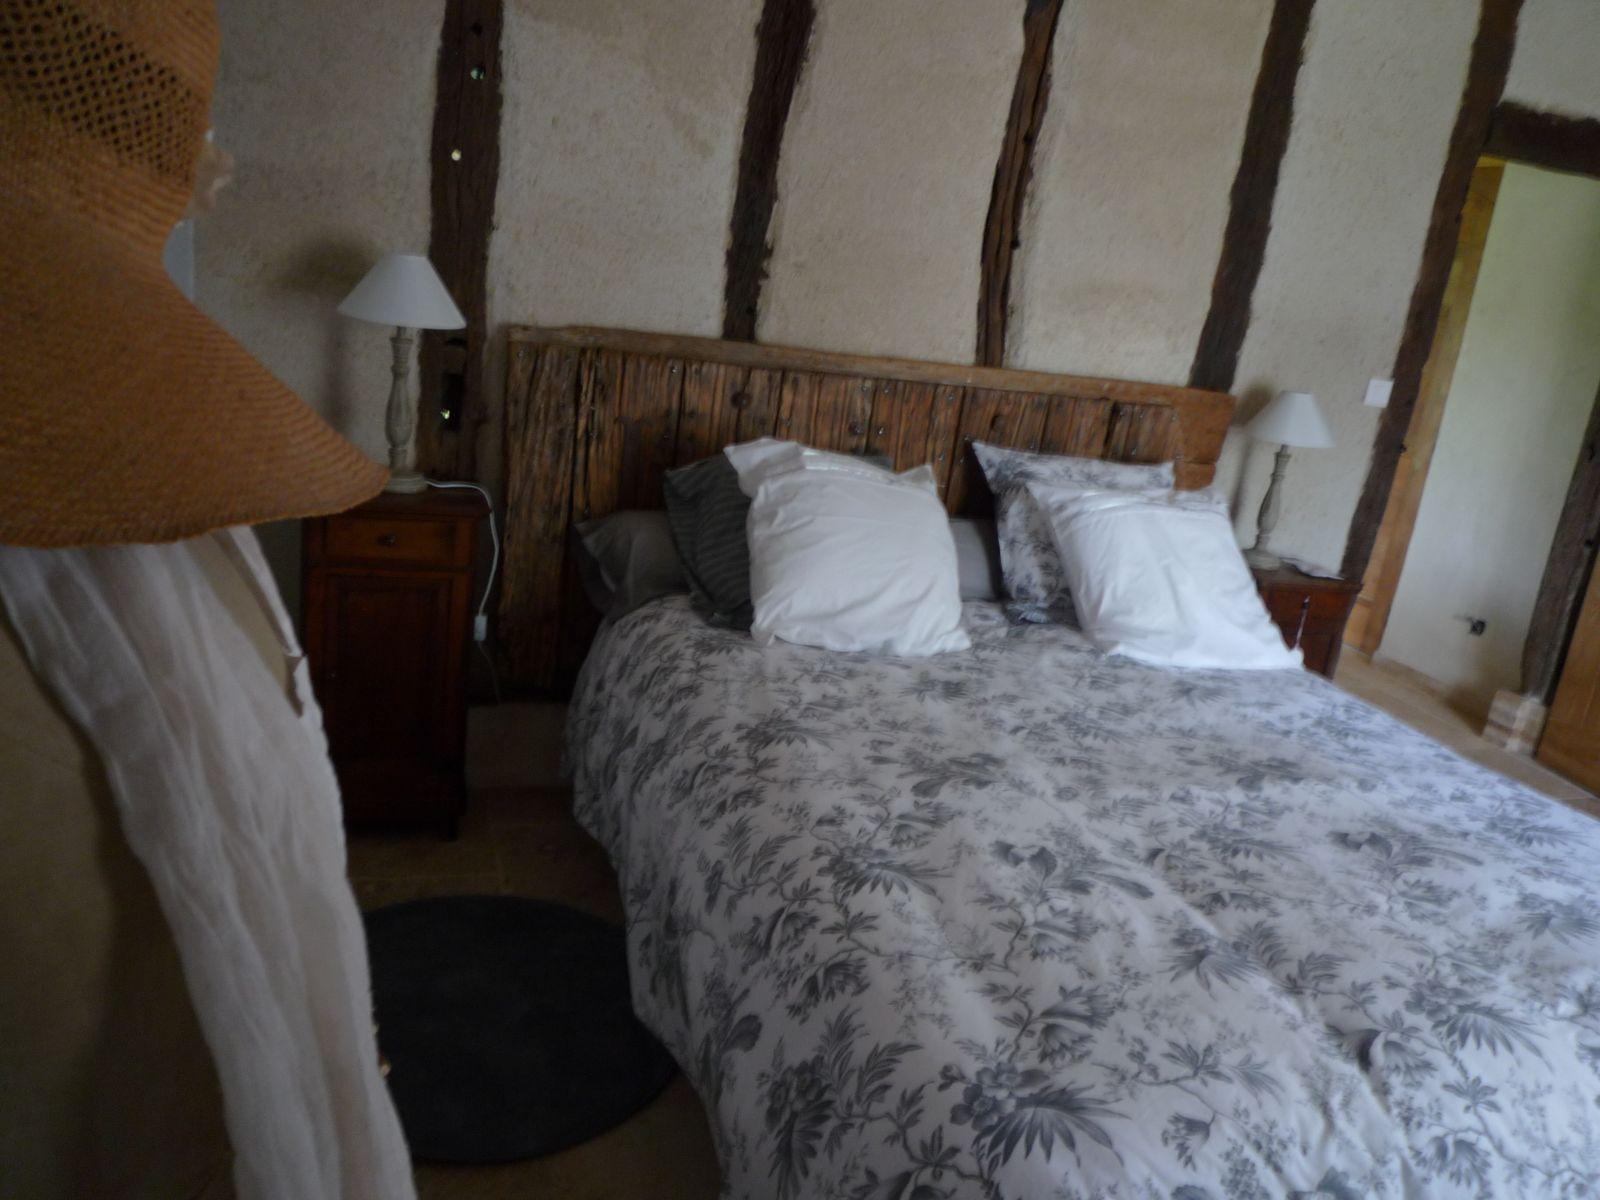 Lit 160 avec tête de lit: Porte du gite d'origine 18 e siècle